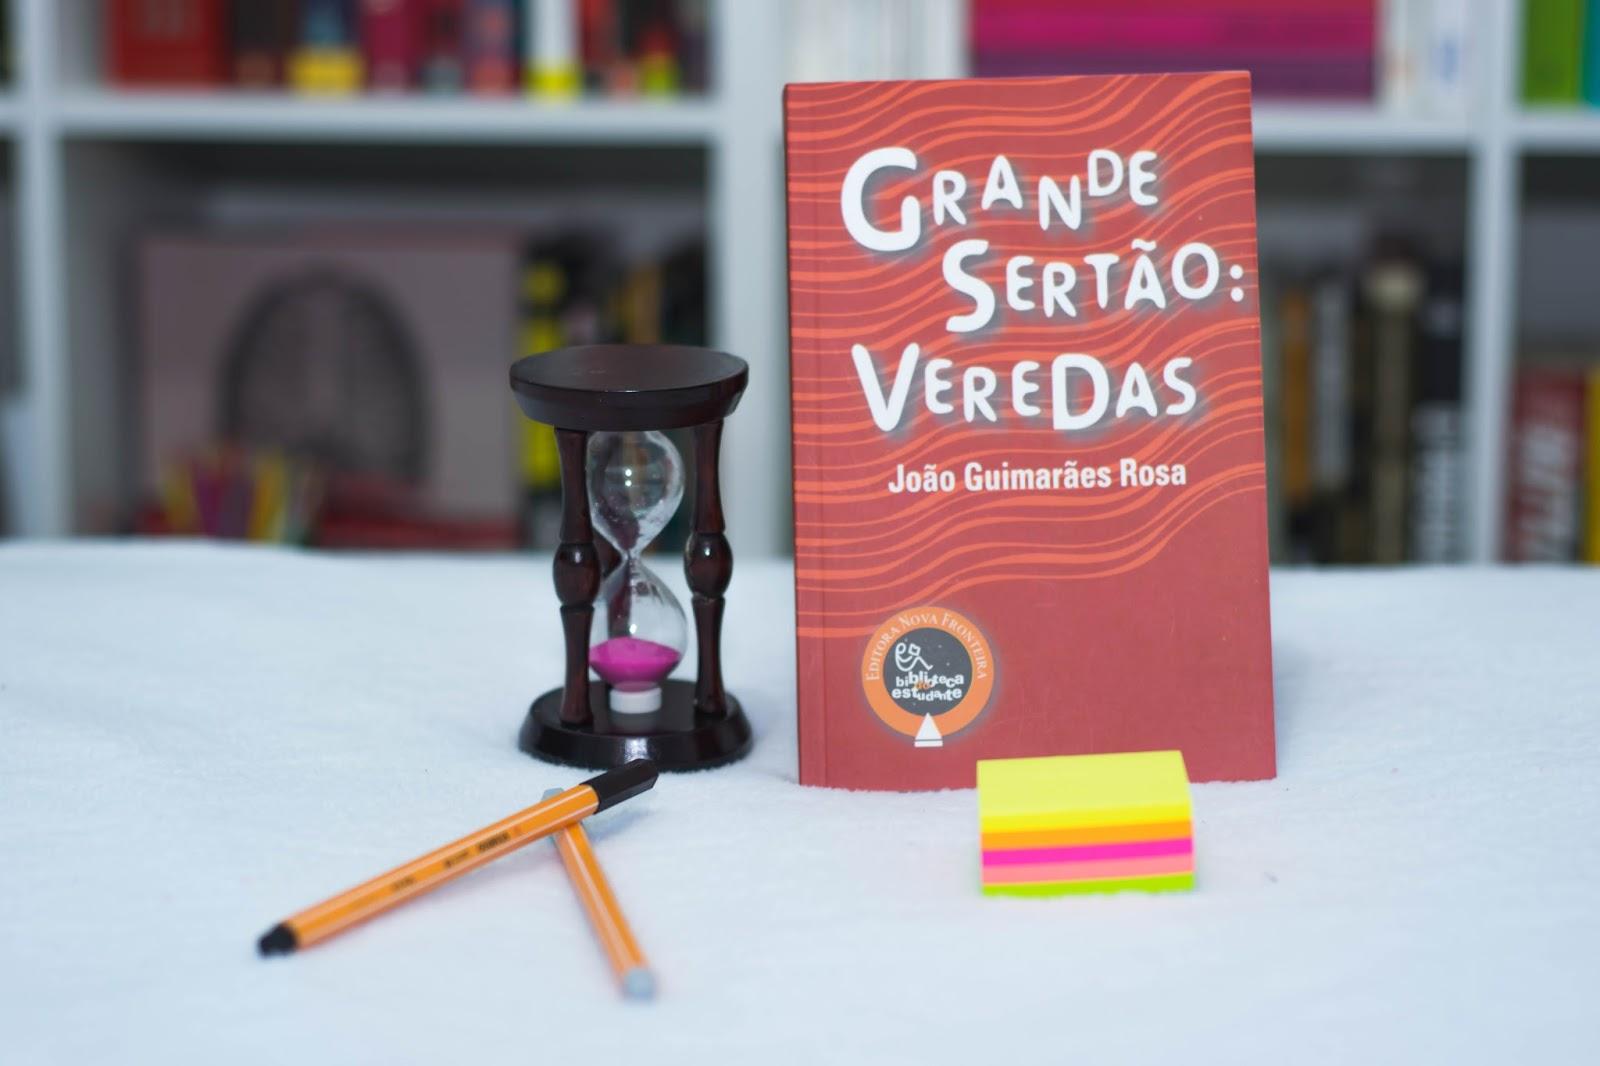 Universo Dos Leitores 54 Frases Incríveis Do Livro Grande Sertão